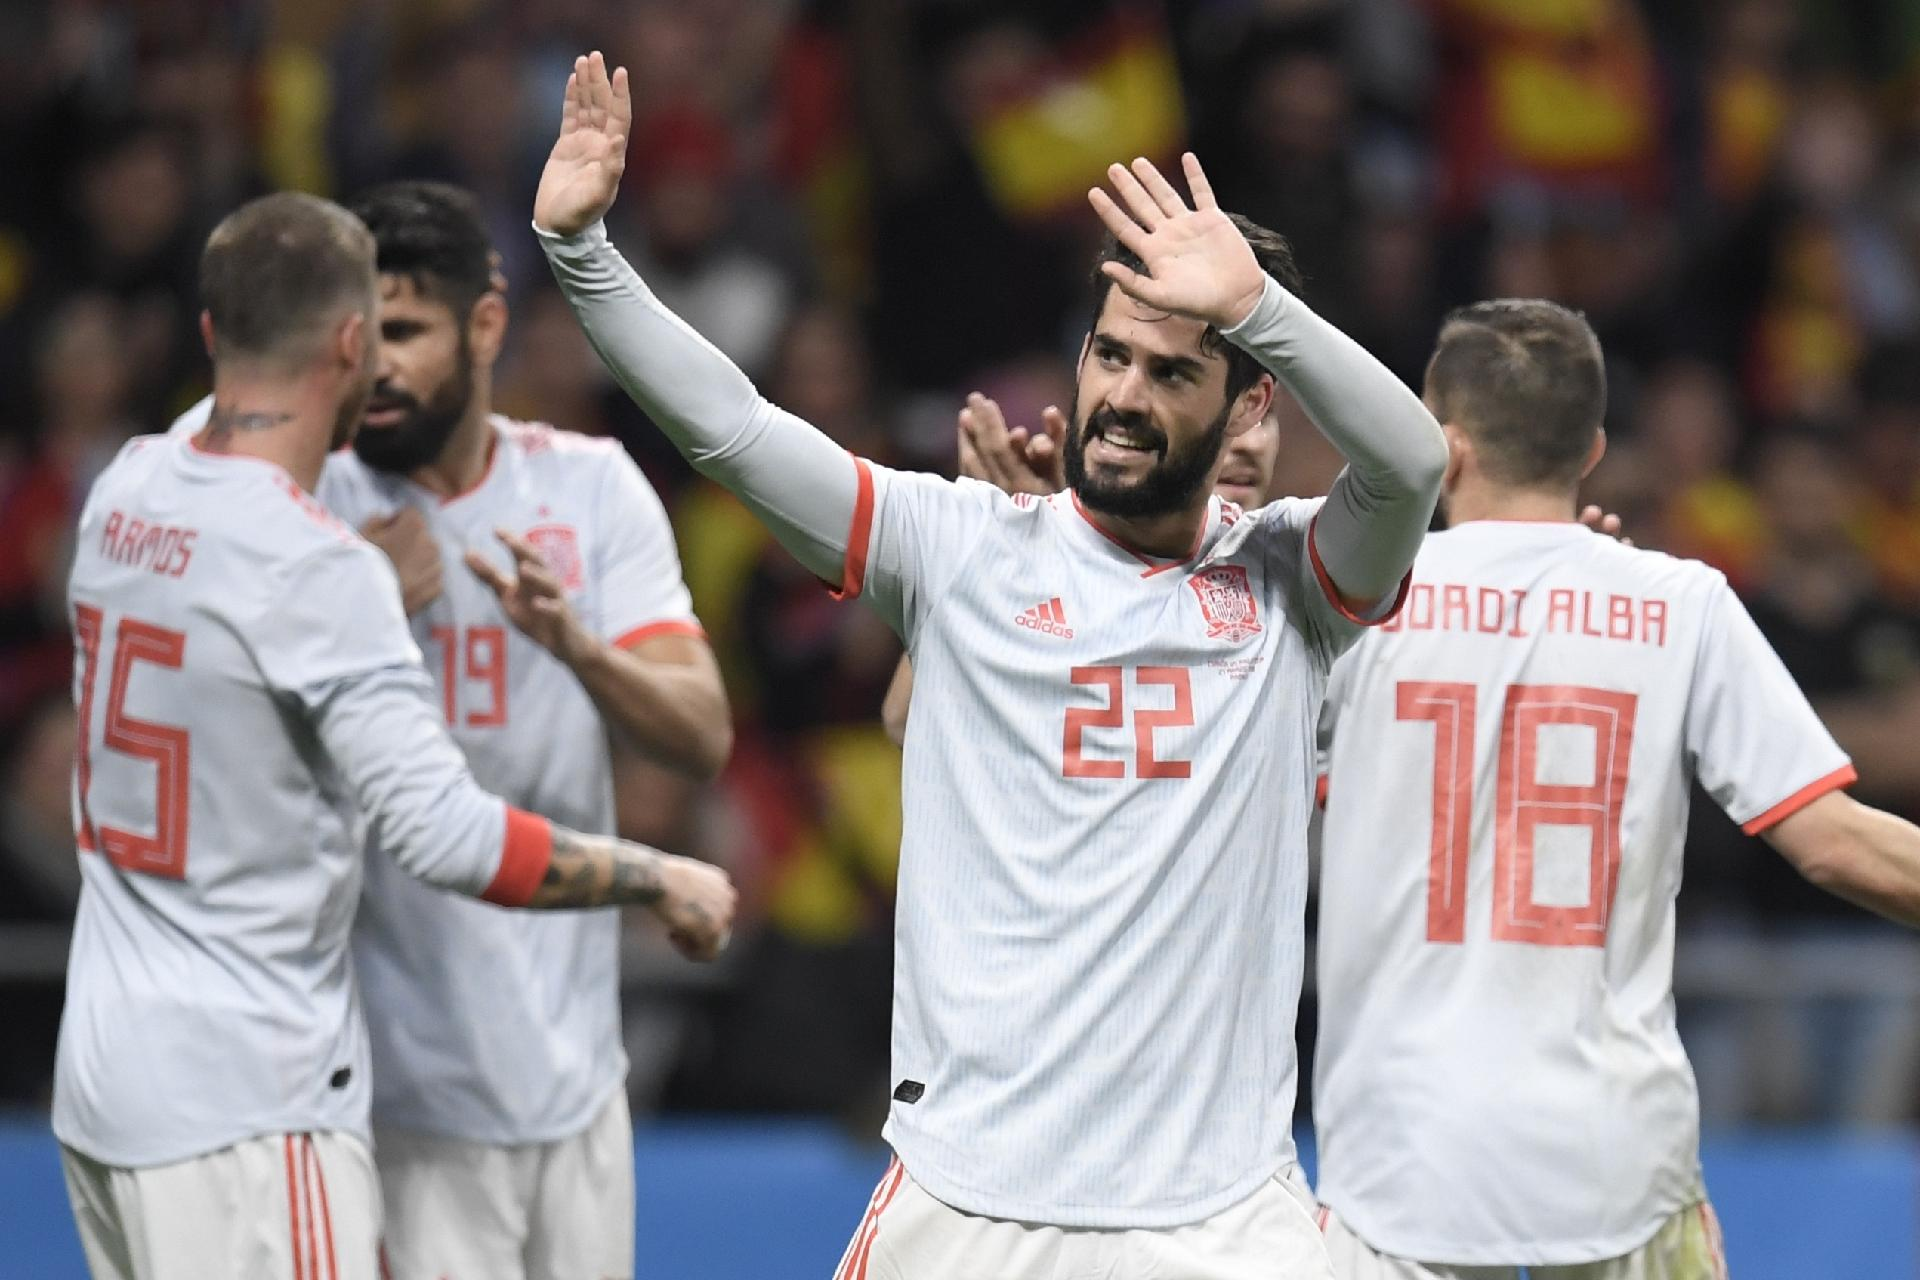 Copa do Mundo 2018  Quase 7 a 1  Argentina sofre goleada histórica para a  Espanha em amistoso - UOL Copa do Mundo 2018 5d81e8dfc85f3